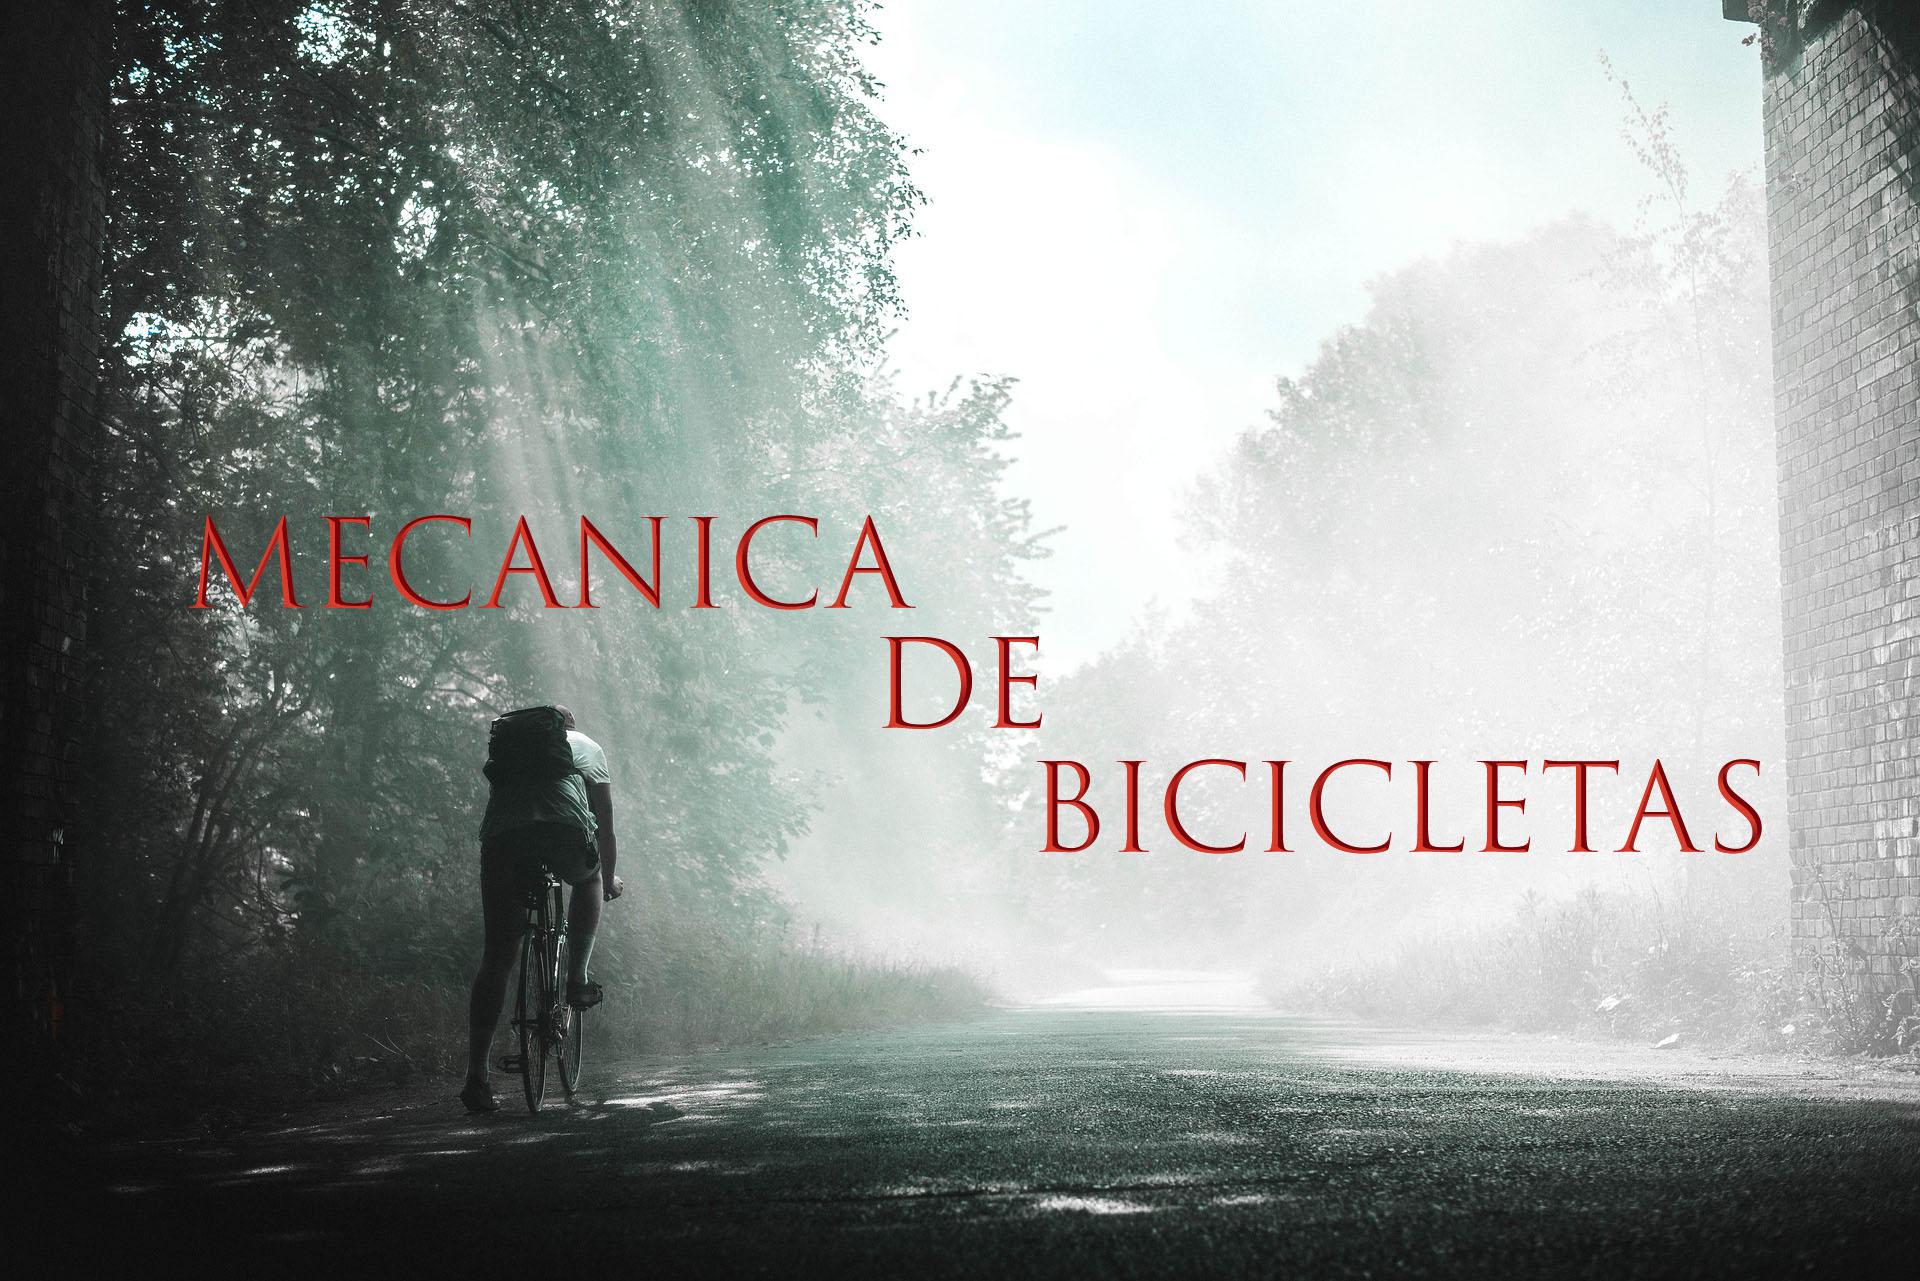 curso de mecanica de bicicletas